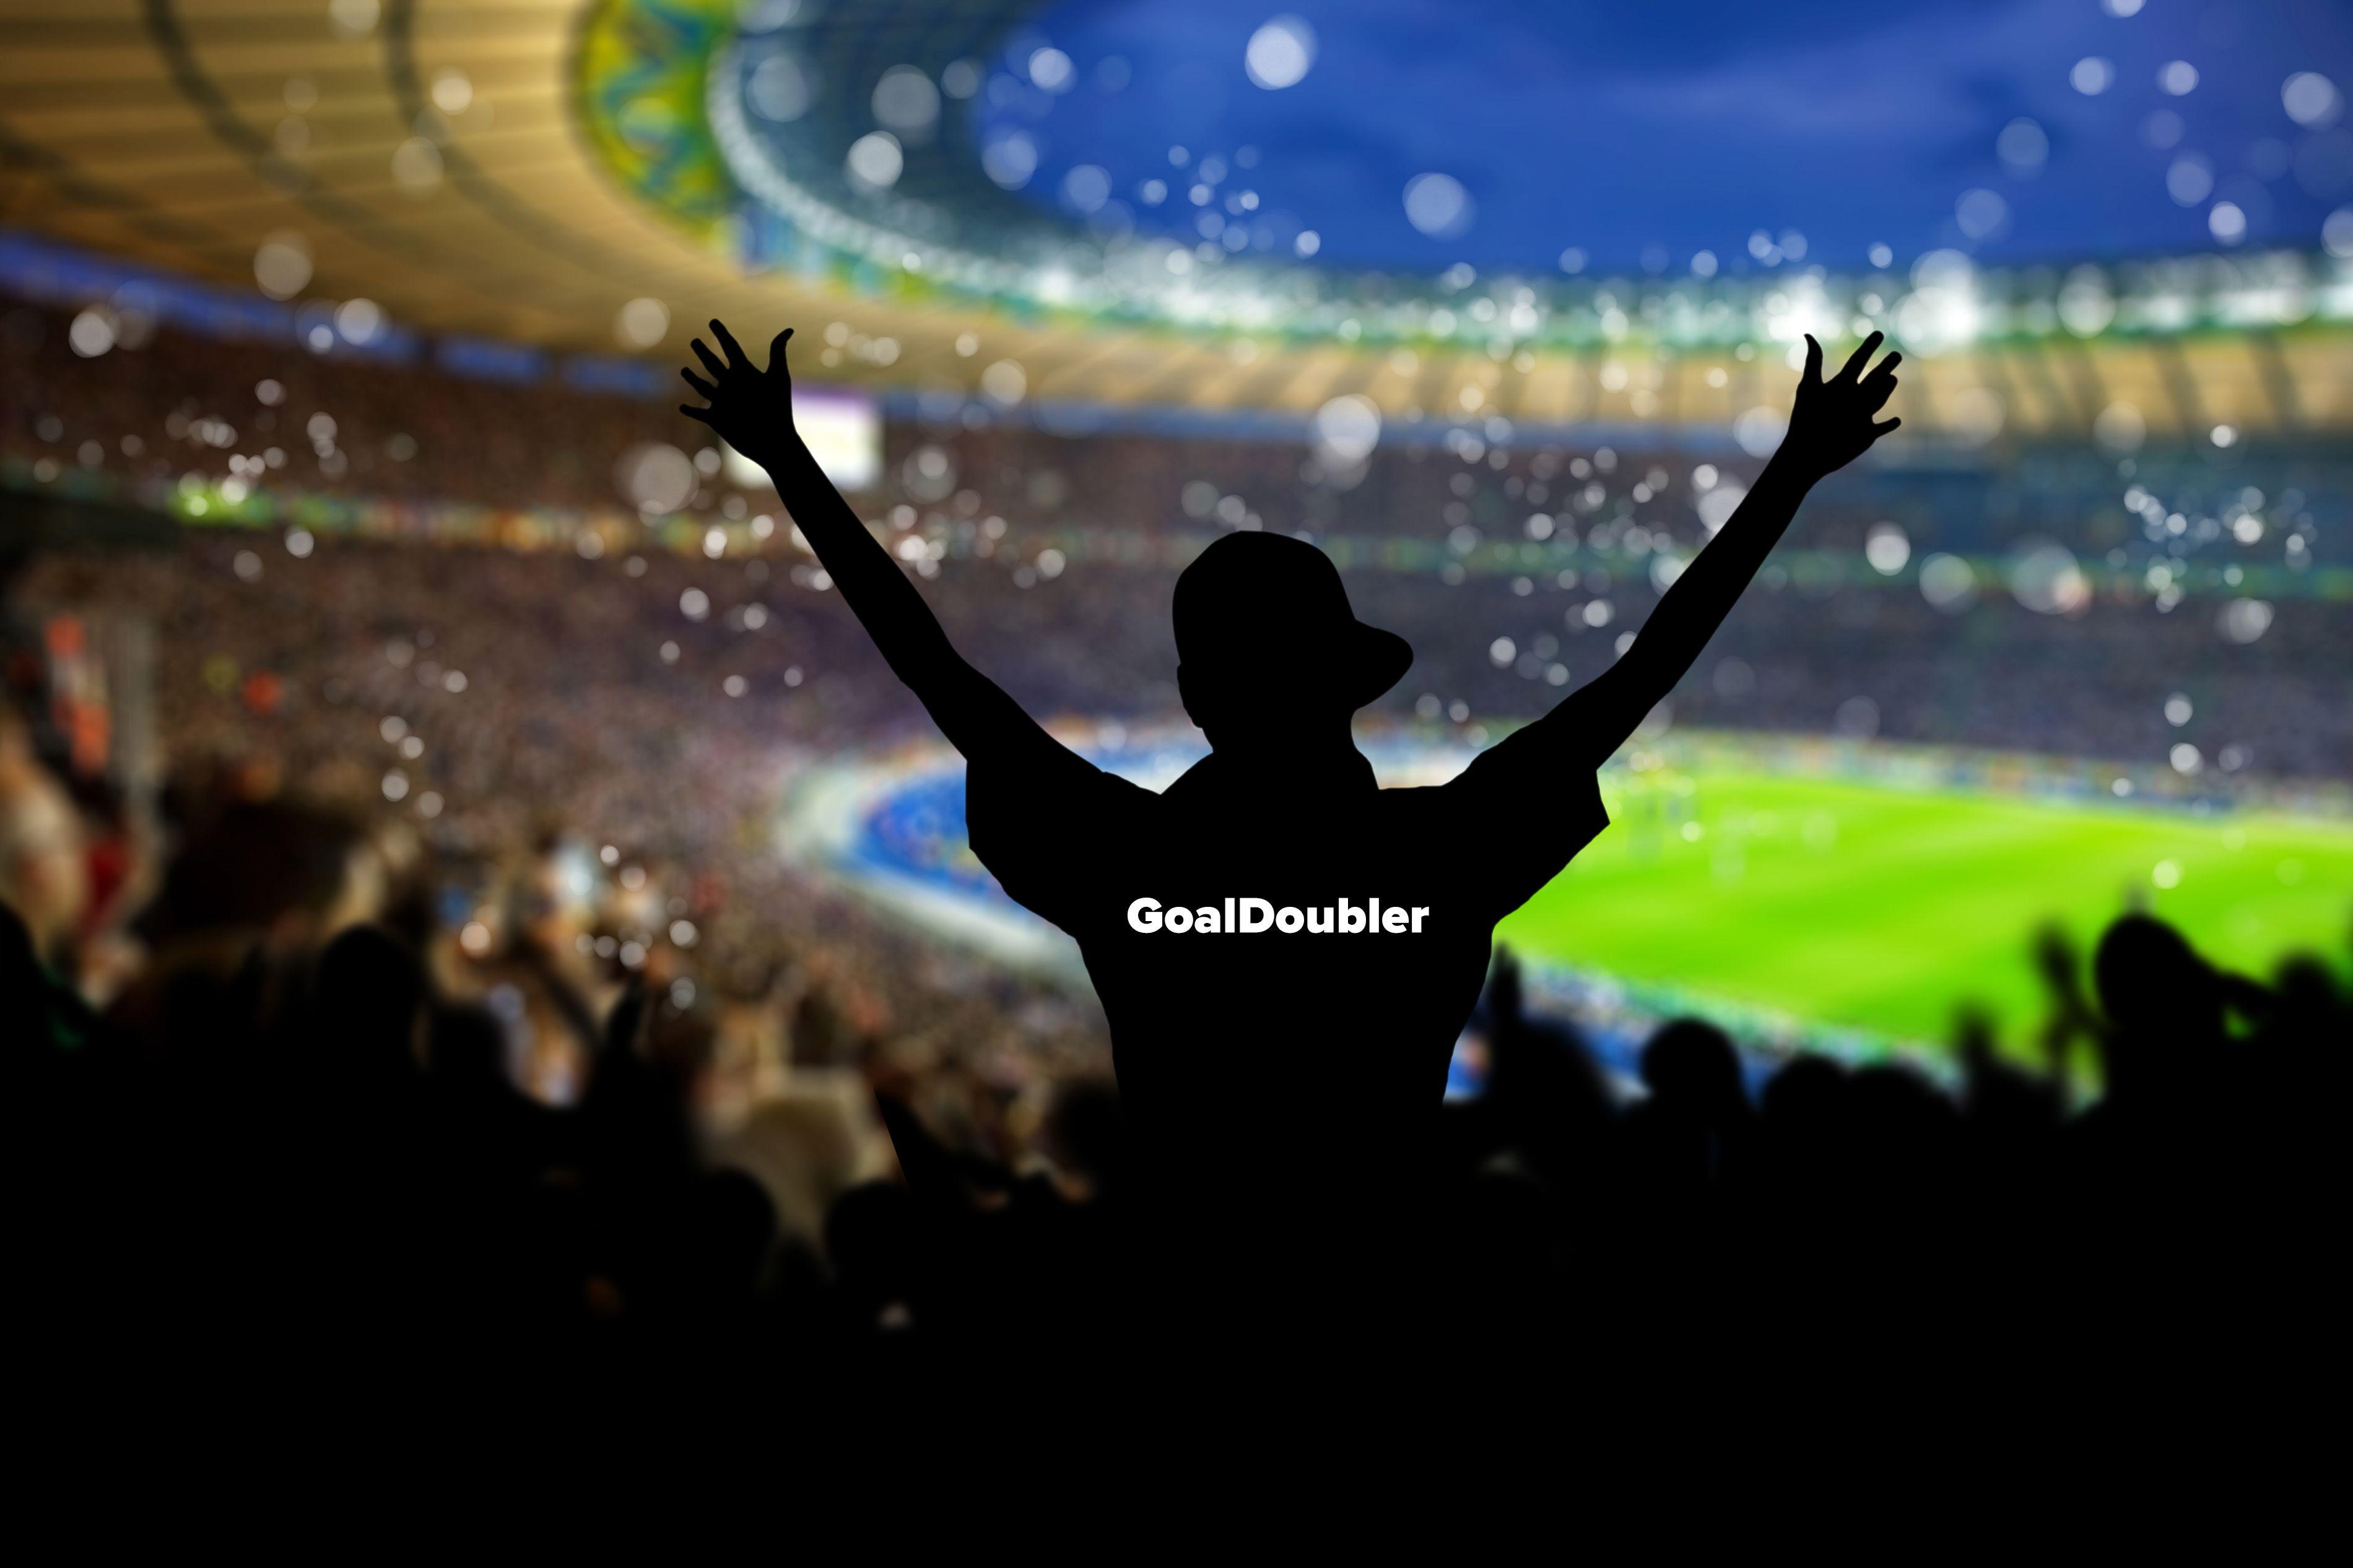 GoalDoubler  #goaldoubler #bet #betting #jackpot #instant #insta #win #winner #winnings #domaindoubler #branddoubler #double #doubler